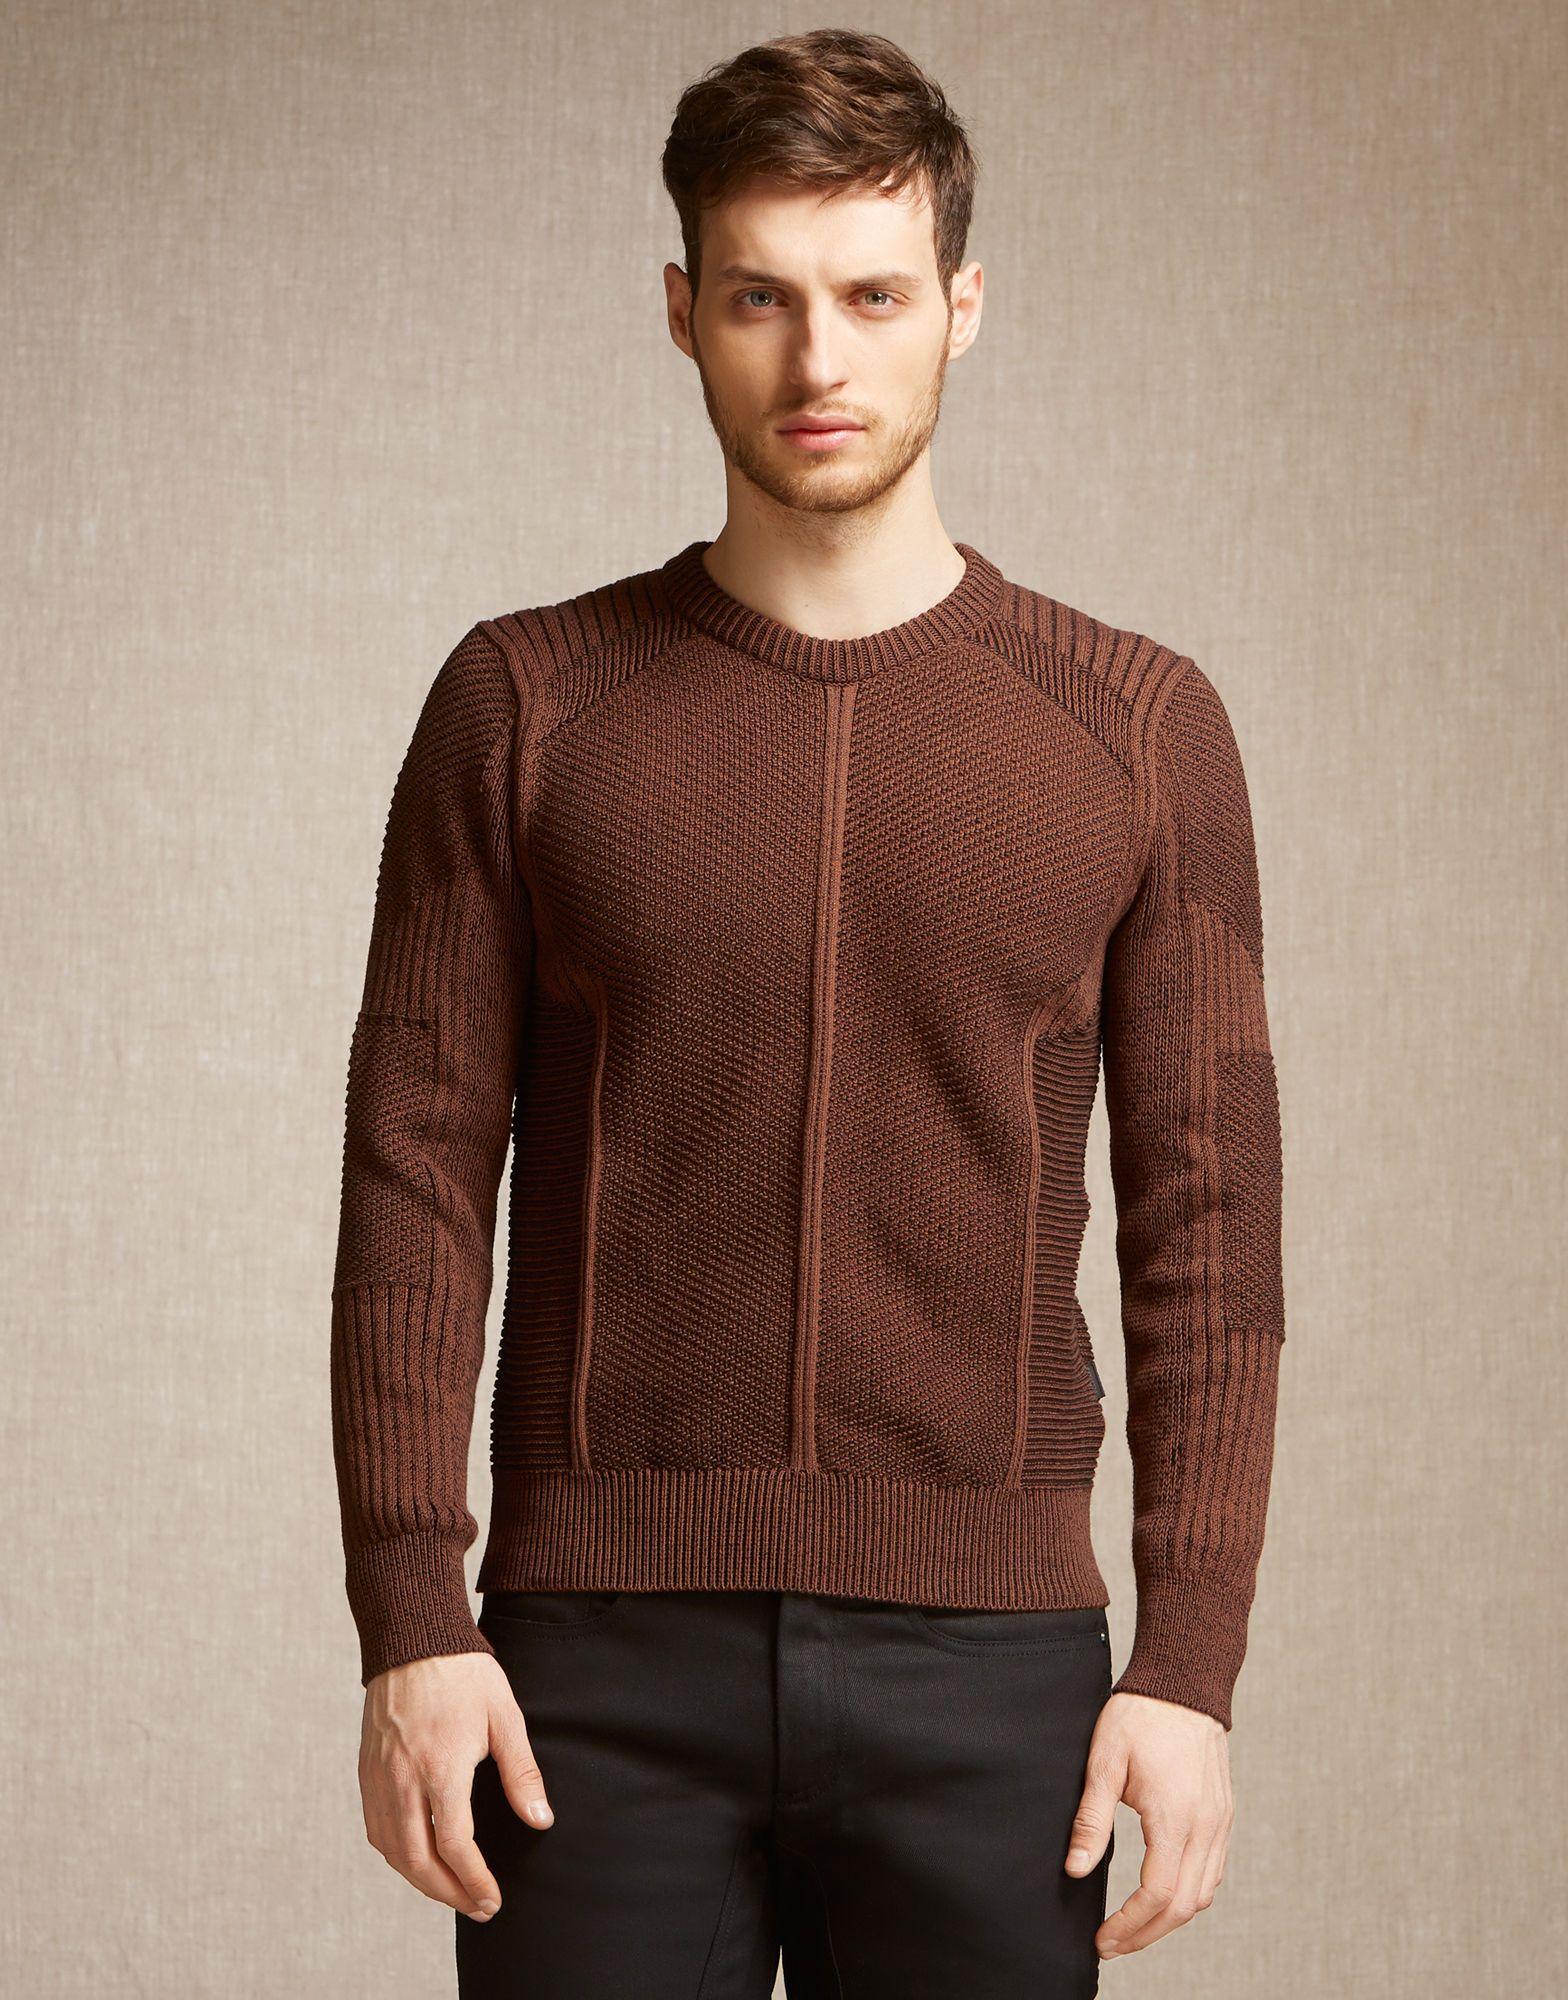 Coniston Jumper Knitwear Men Knit Men Knitwear Inspiration [ 2000 x 1568 Pixel ]